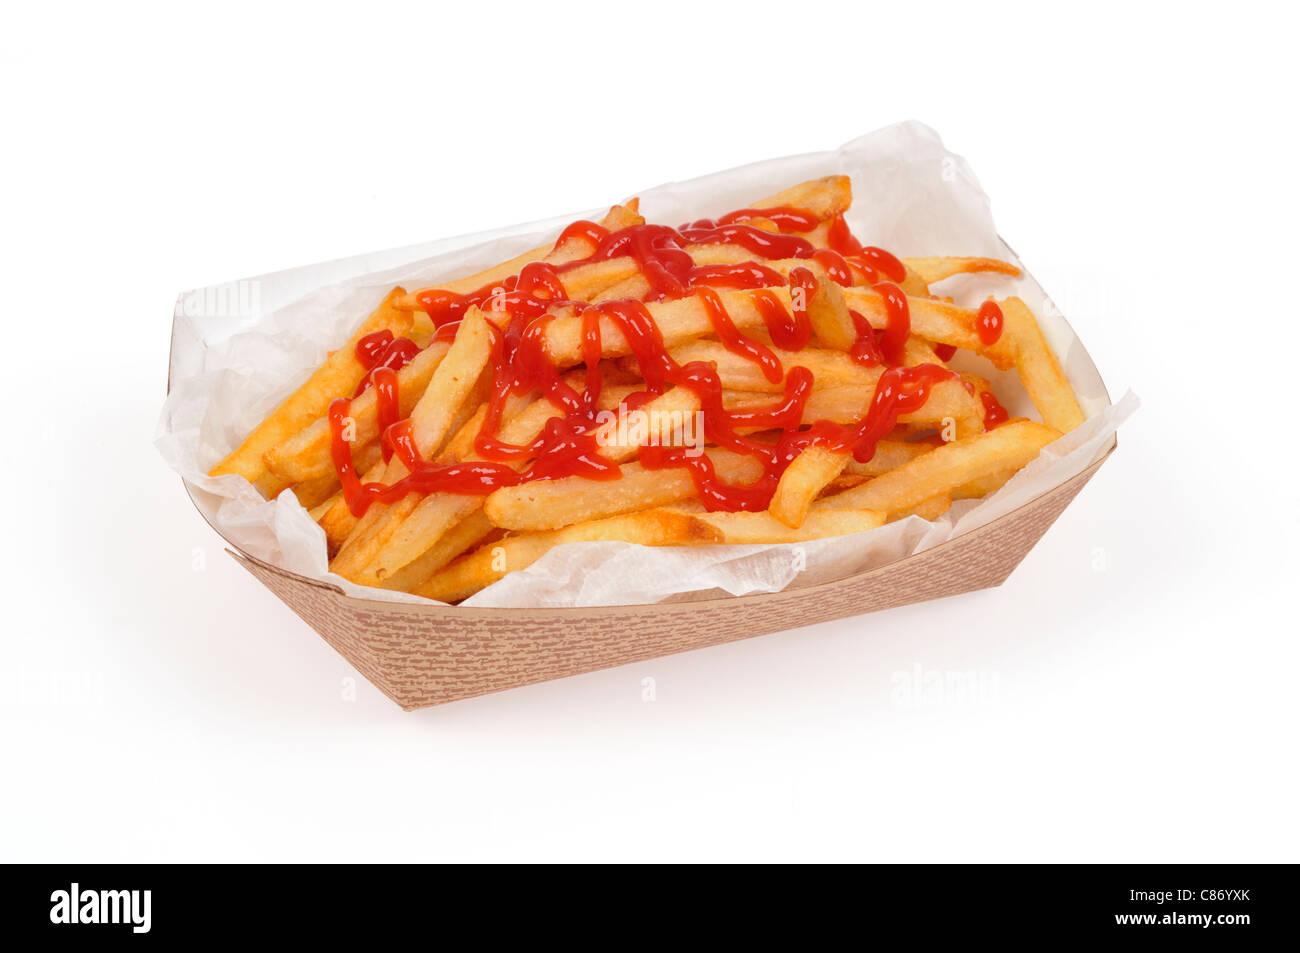 Corbeille à papier de frites à emporter ou des frites avec du ketchup sur eux sur fond blanc, cut out. Photo Stock